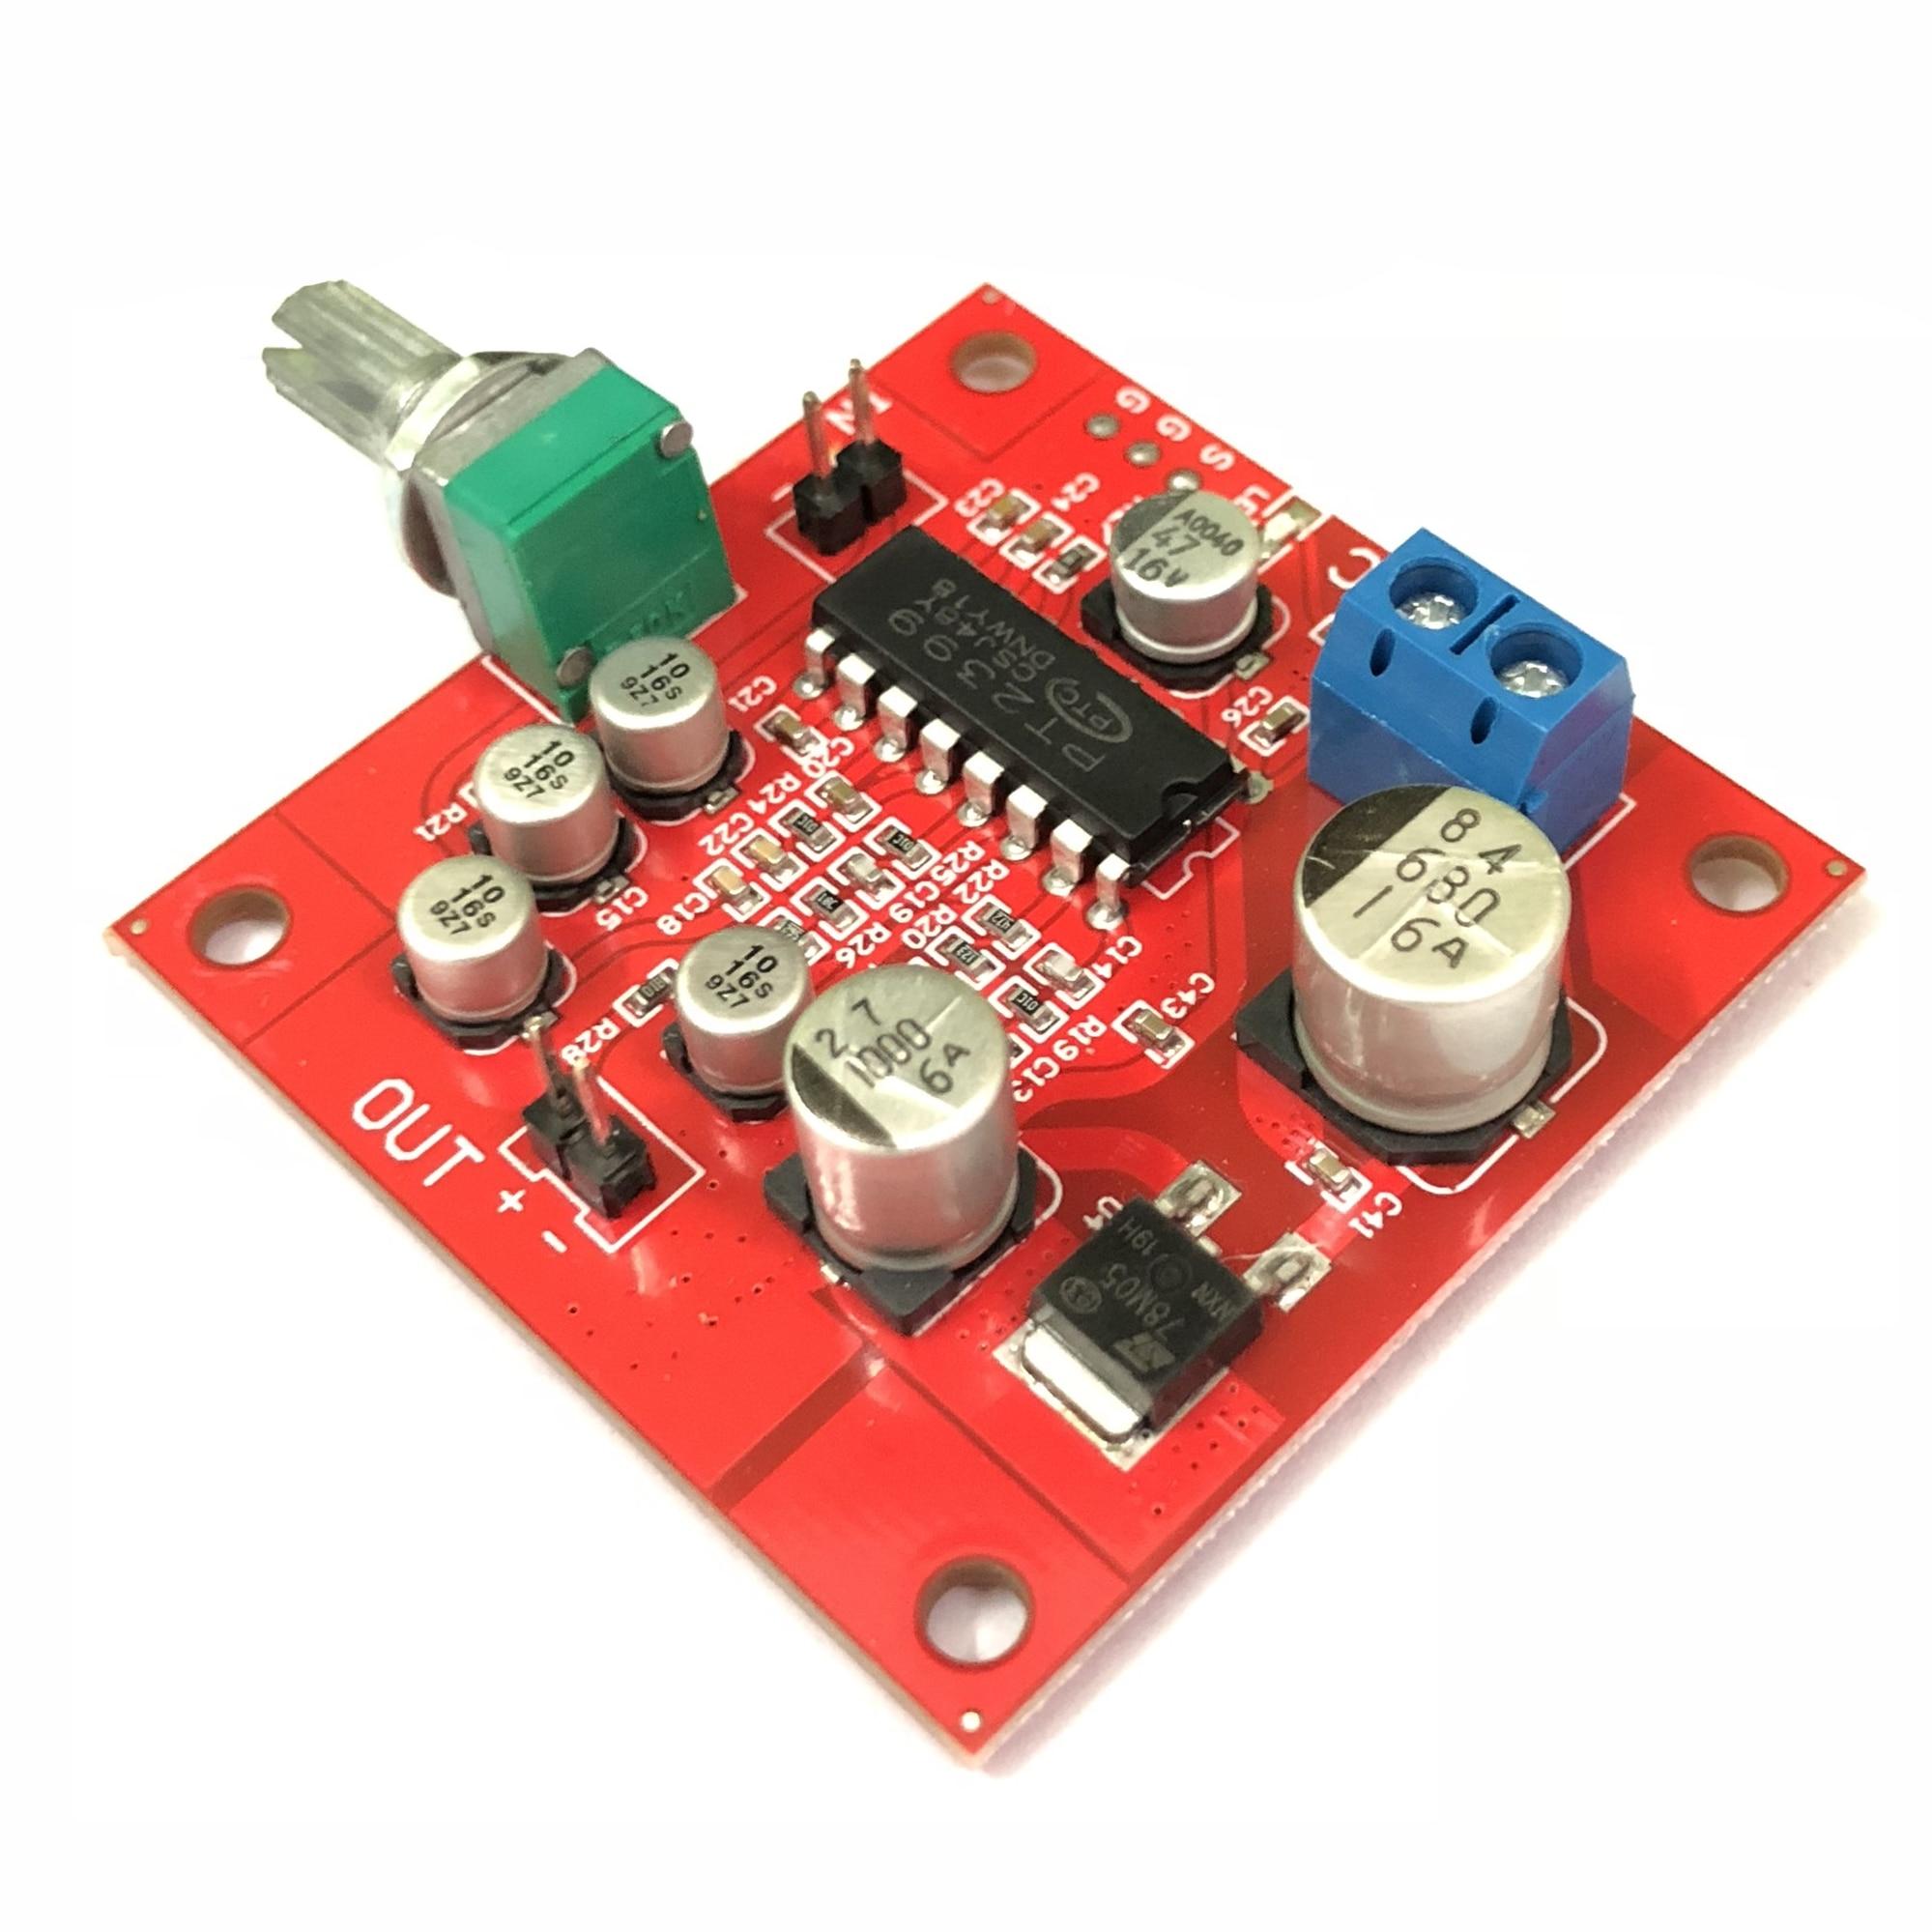 Placa de reverberação da placa do reverberation do microfone pt2399 nenhum módulo da função do pré amplificador|Circuitos integrados|   -